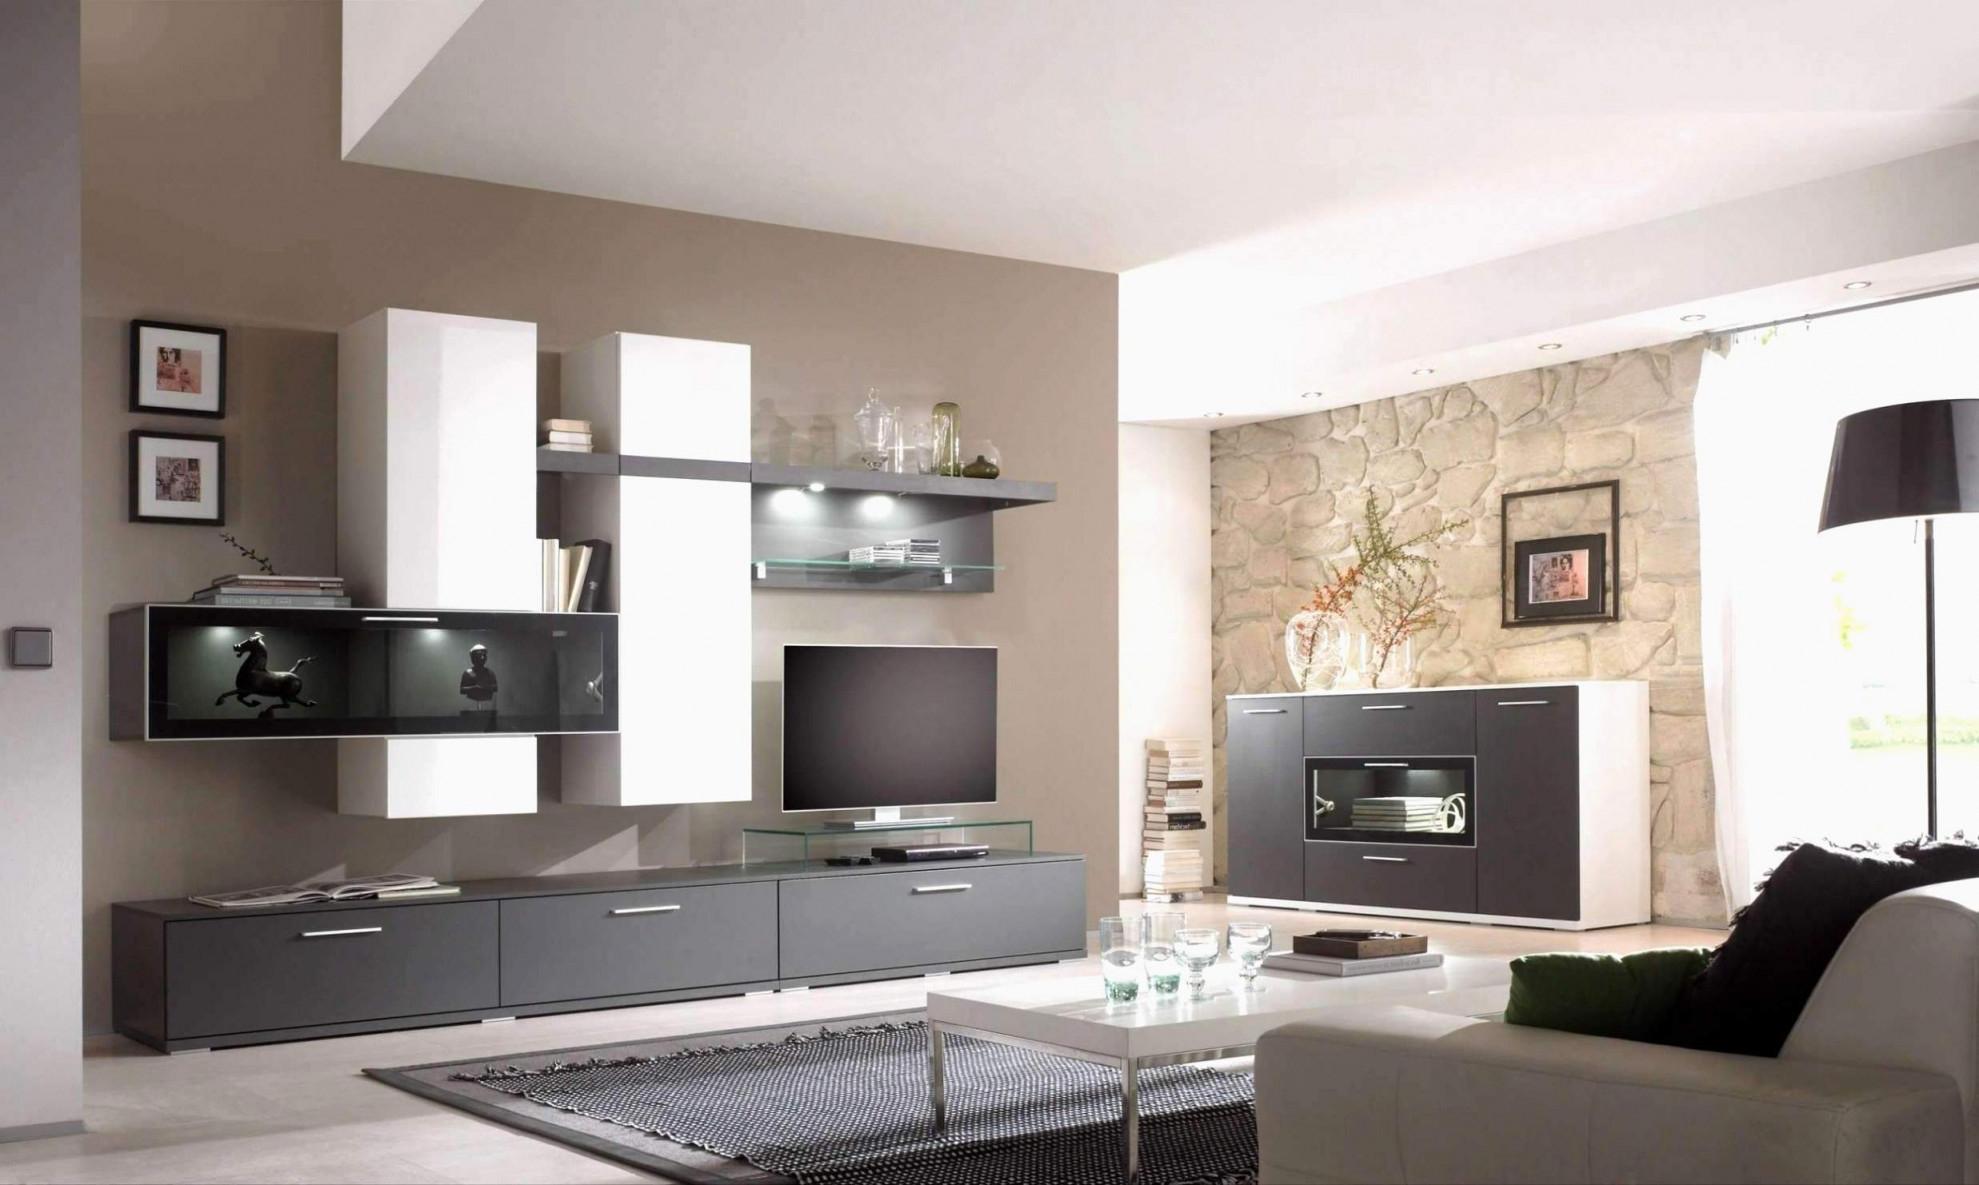 Moderne Wohnzimmer Ideen Neu Steinwand Wohnzimmer Kosten Neu von Moderne Wohnzimmer Ideen Bild